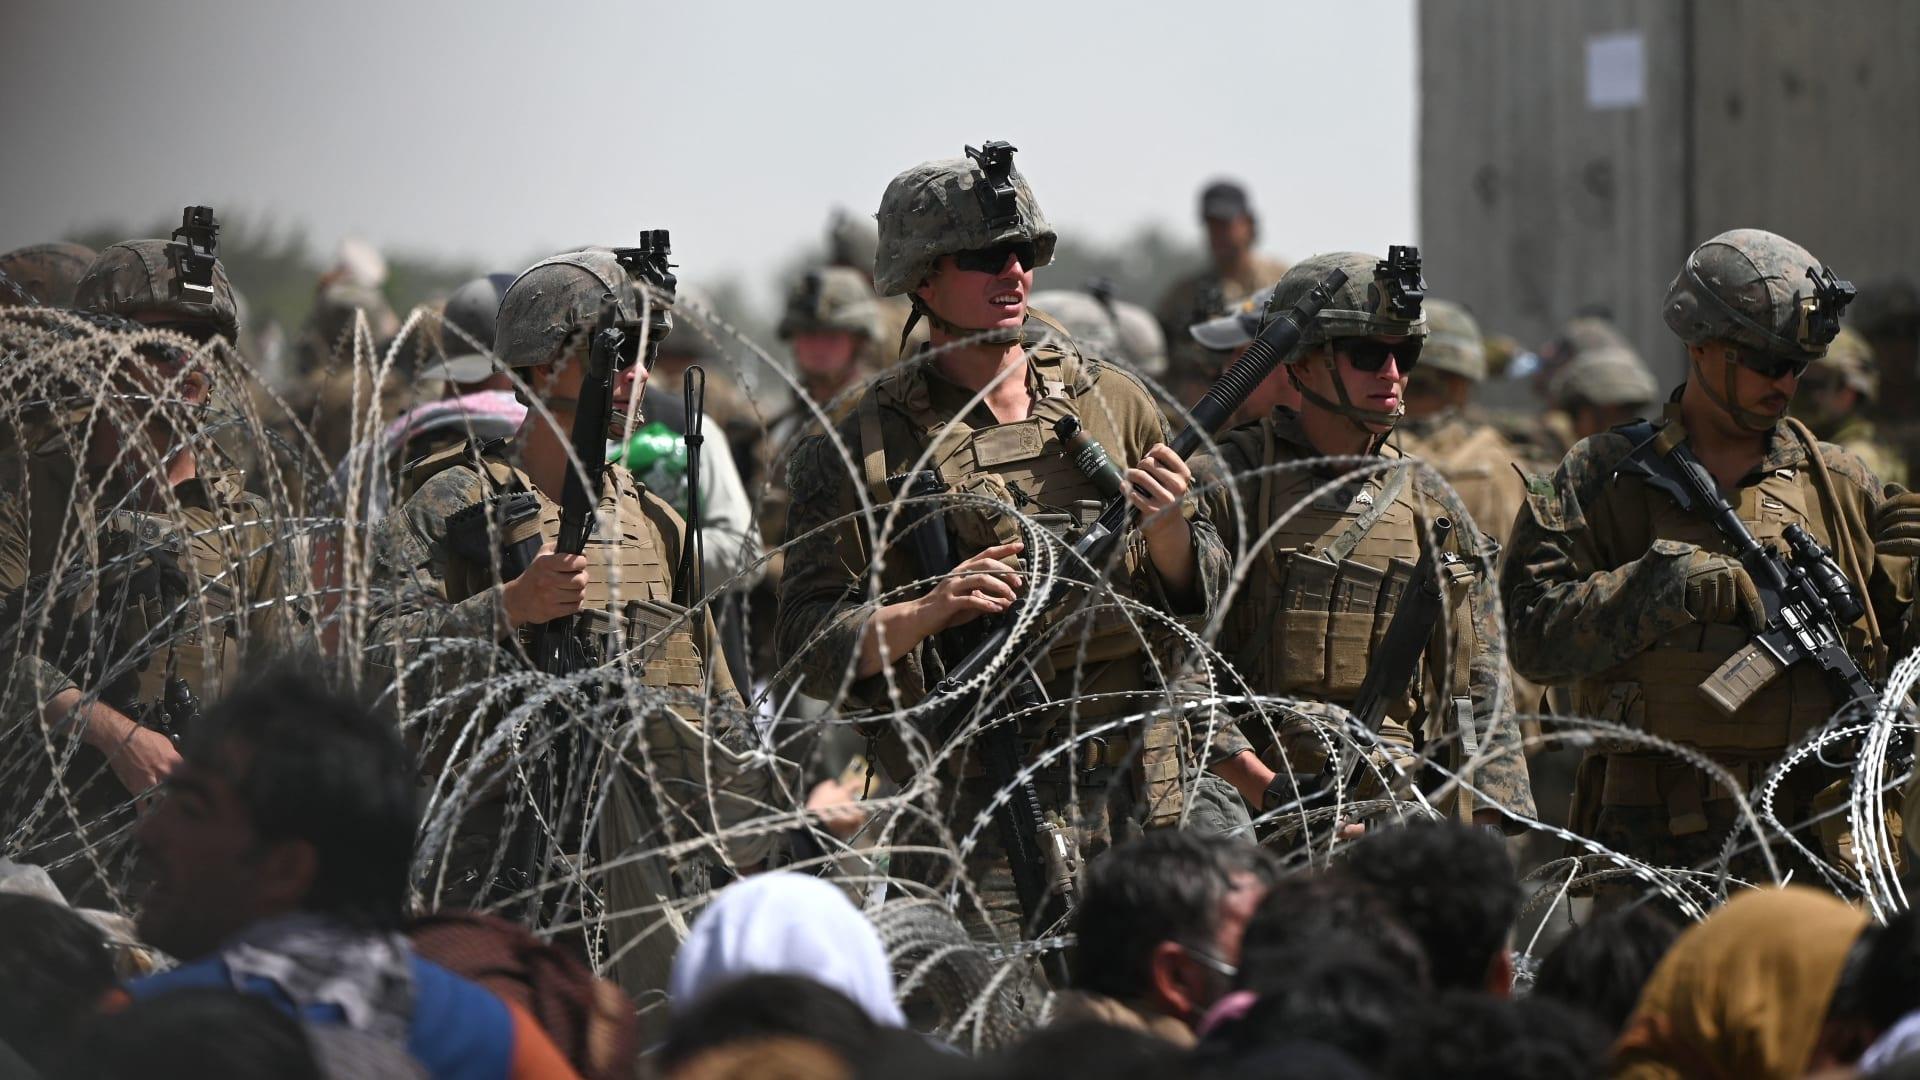 المتحدث باسم البنتاغون: سندمر أسلحتنا ومعداتنا العسكرية في أفغانستان إذا لزم الأمر